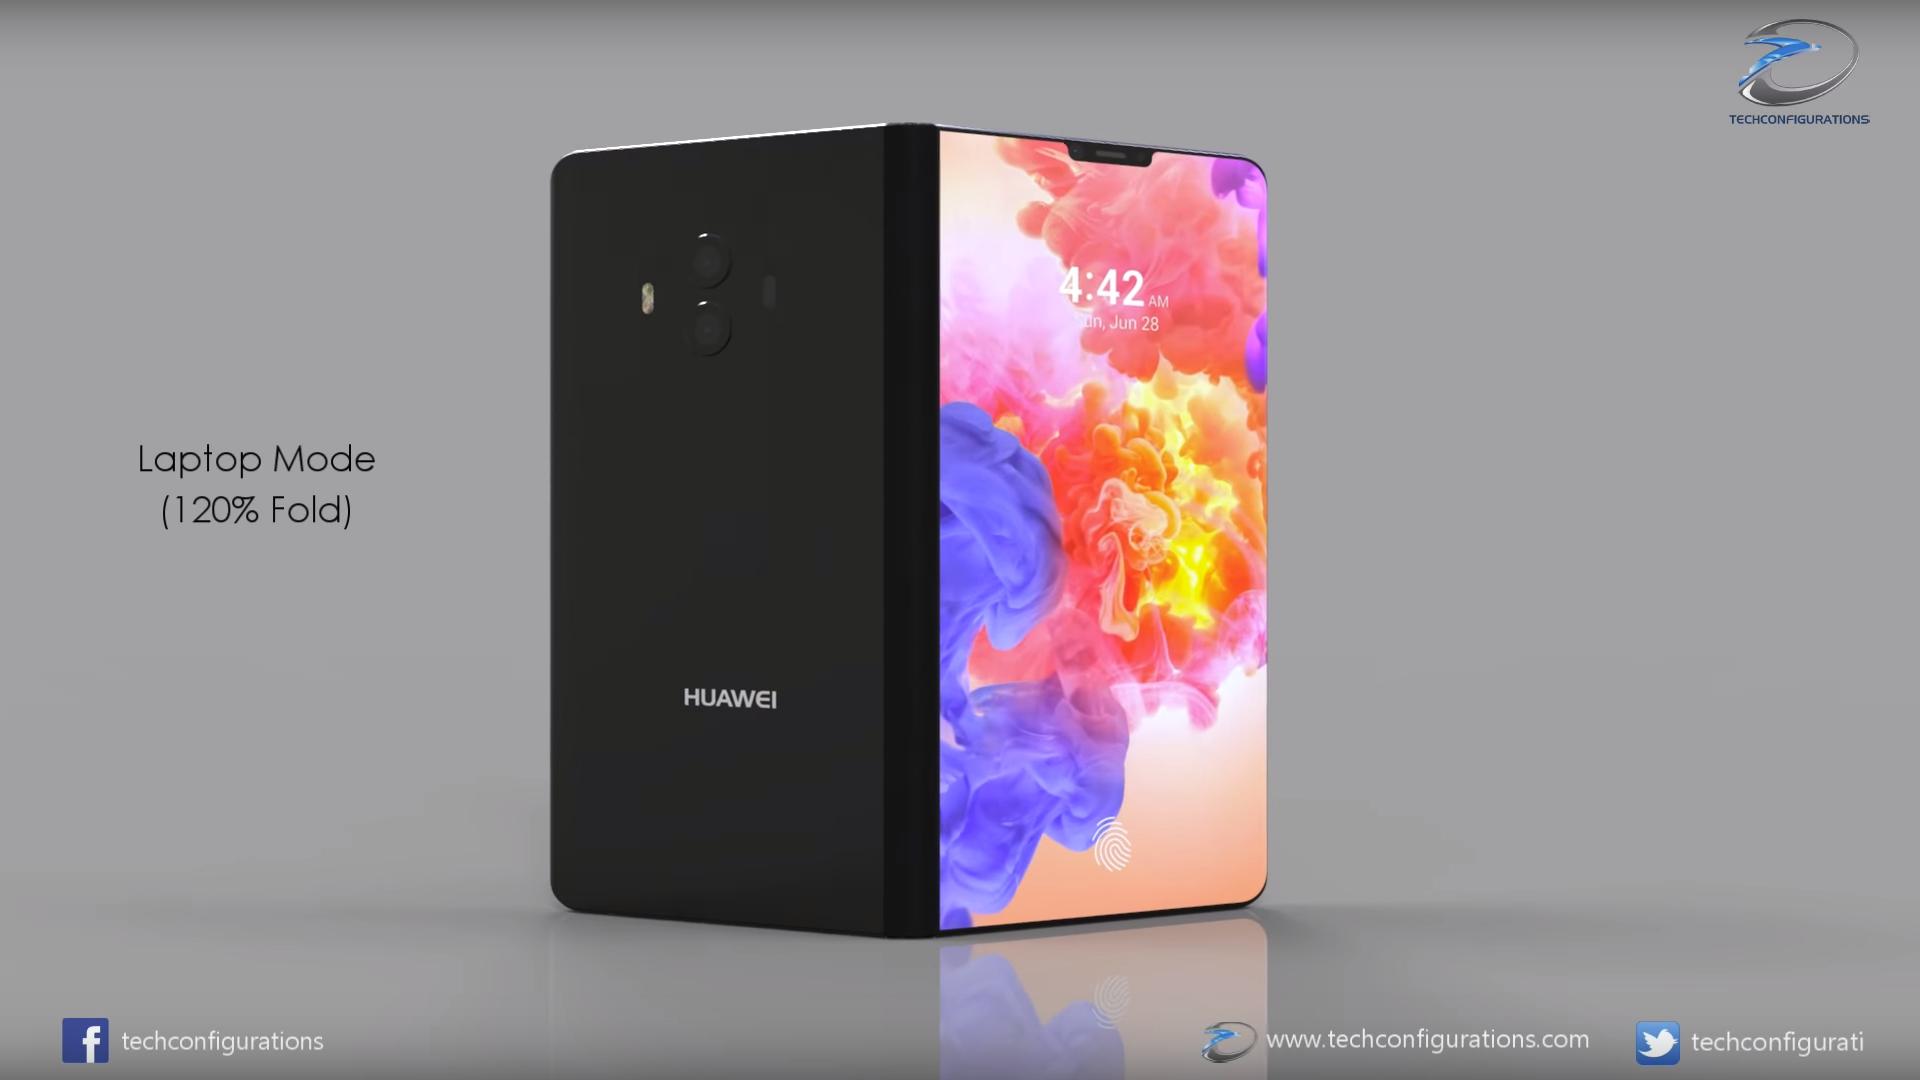 Obrázek: Prodáváme 100000 ohebných smartphonů měsíčně, tvrdí Huawei. Samsung je na tom podobně